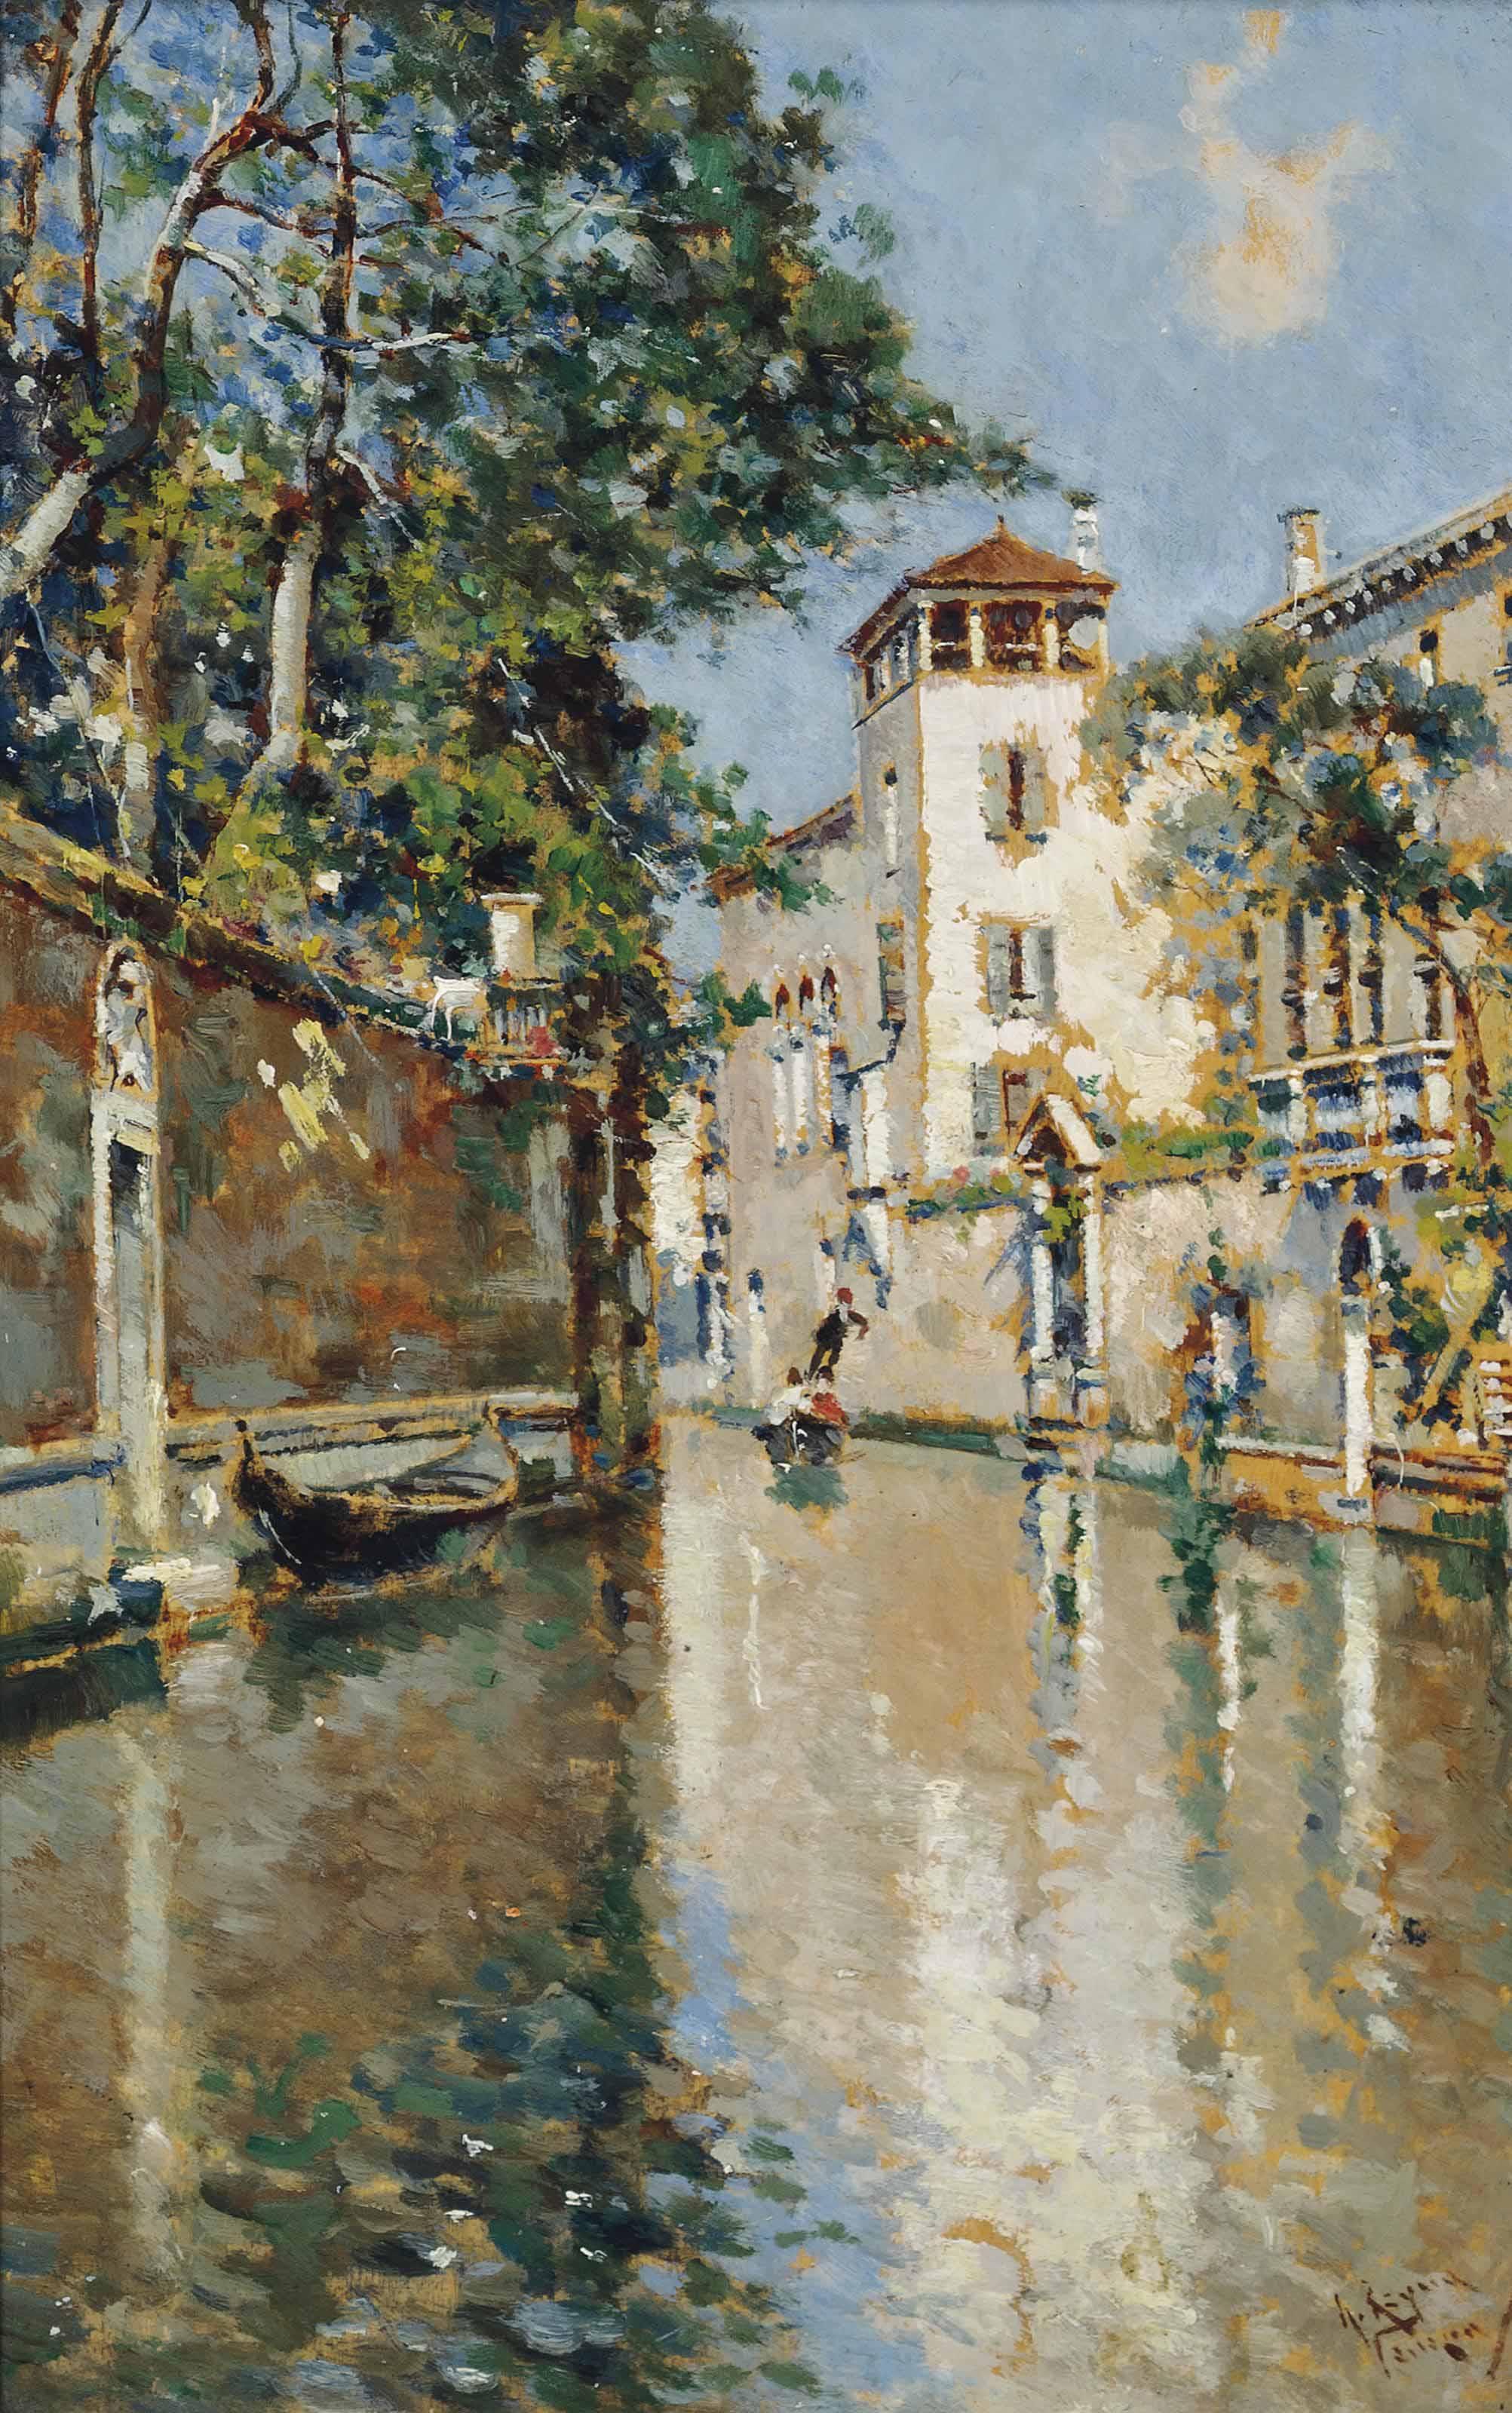 Gondola with figures on a Venetian backwater; and Figures a gondola on a Venetian backwater